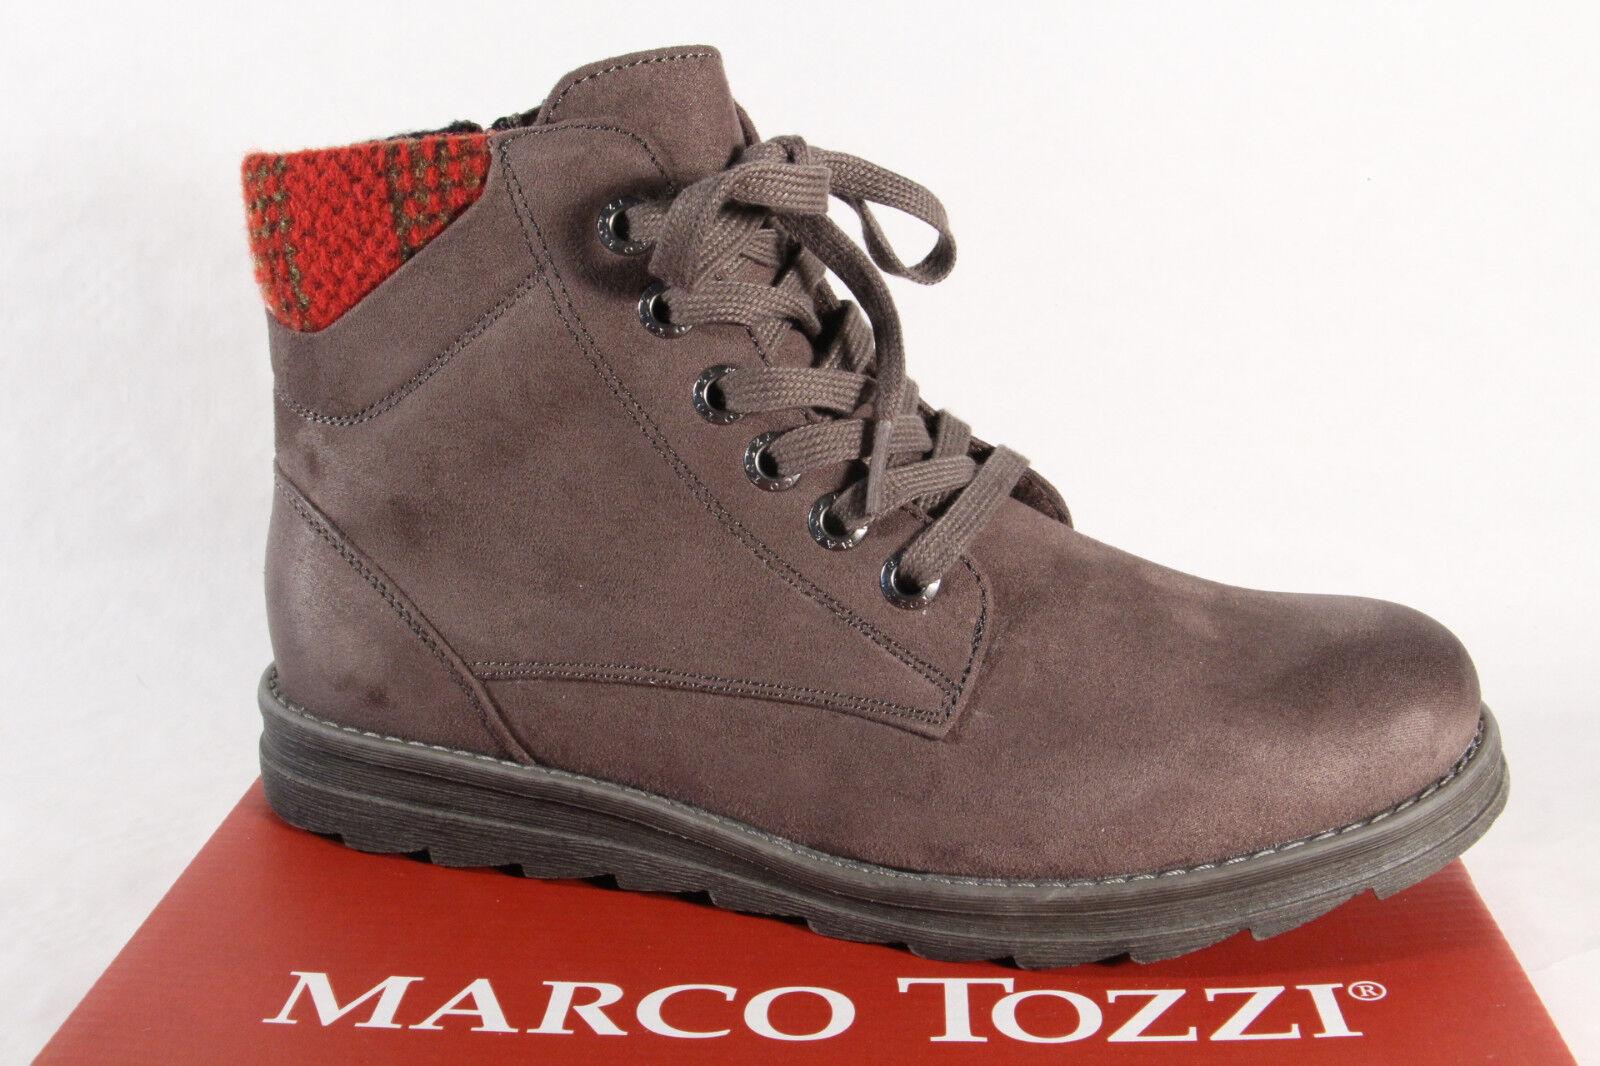 Marco Tozzi 25208 Damen Stiefel, Stiefelette, Stiefel grau NEU